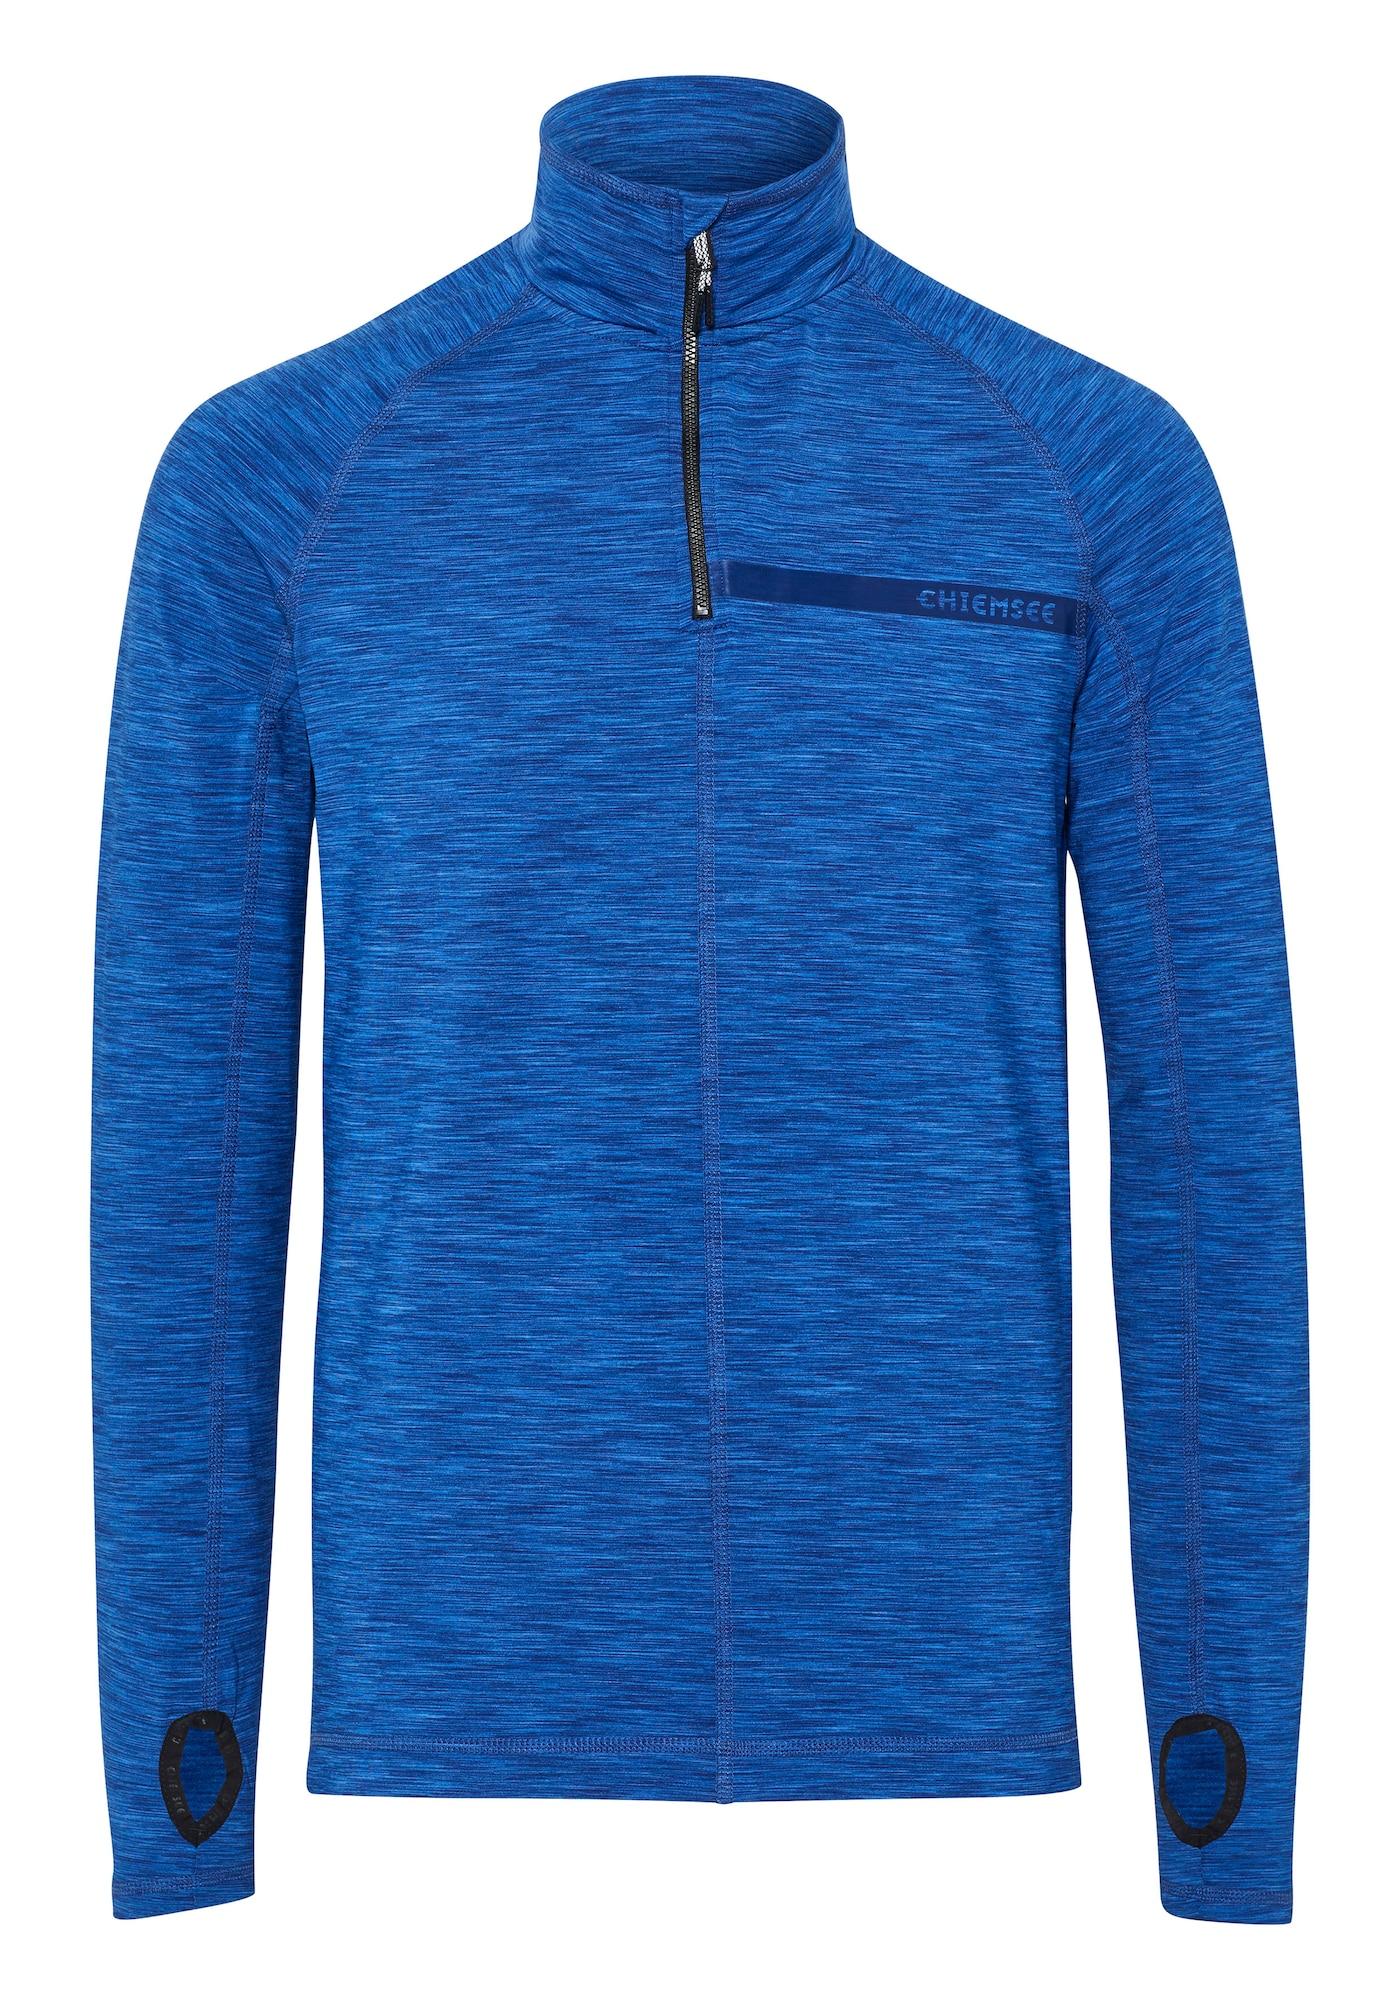 CHIEMSEE Sportiniai marškinėliai mėlyna